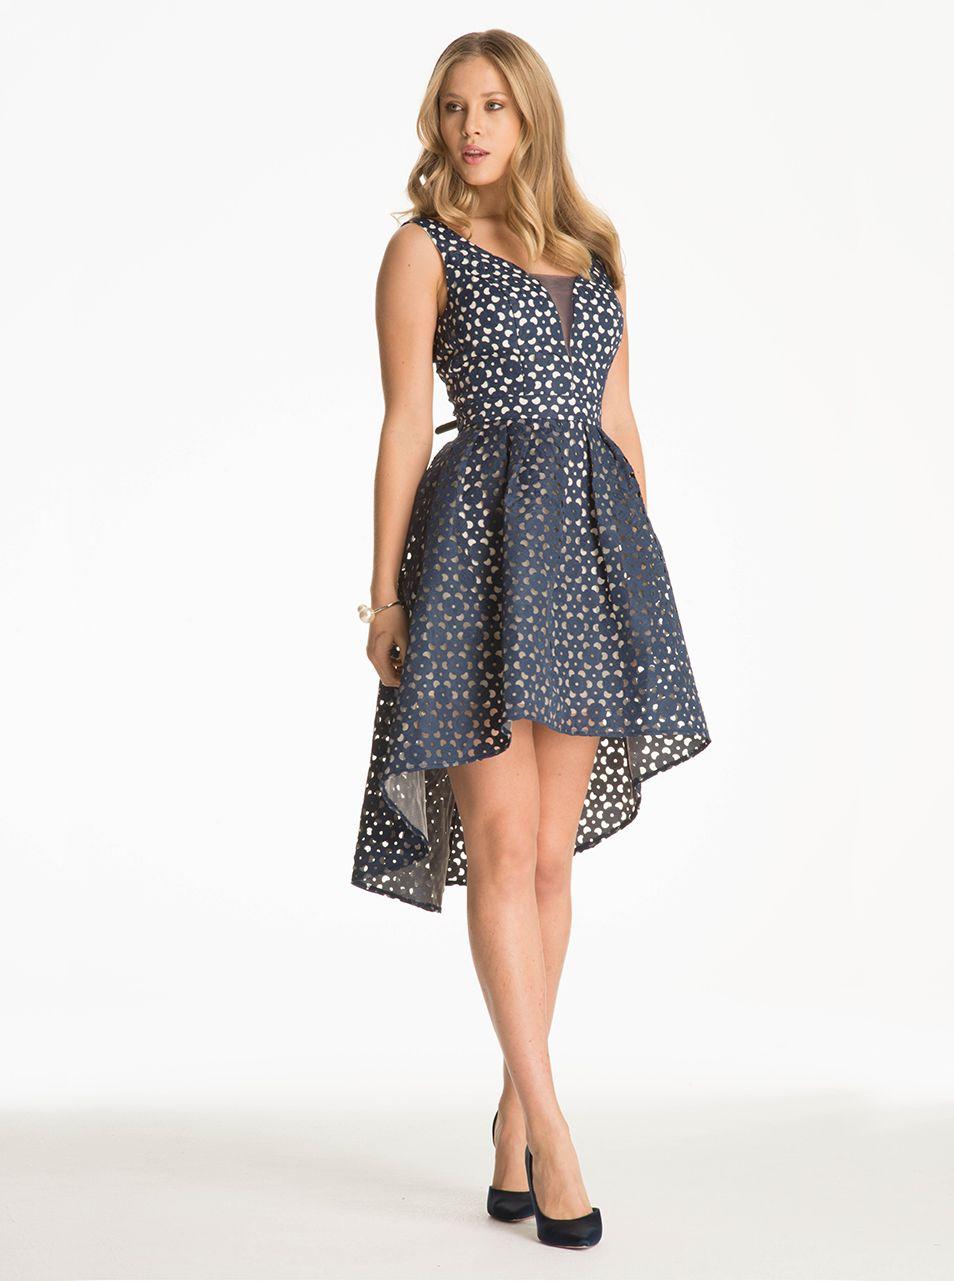 Tmavomodré vzorované šaty Chi Chi London Leanne  7e3509a5182